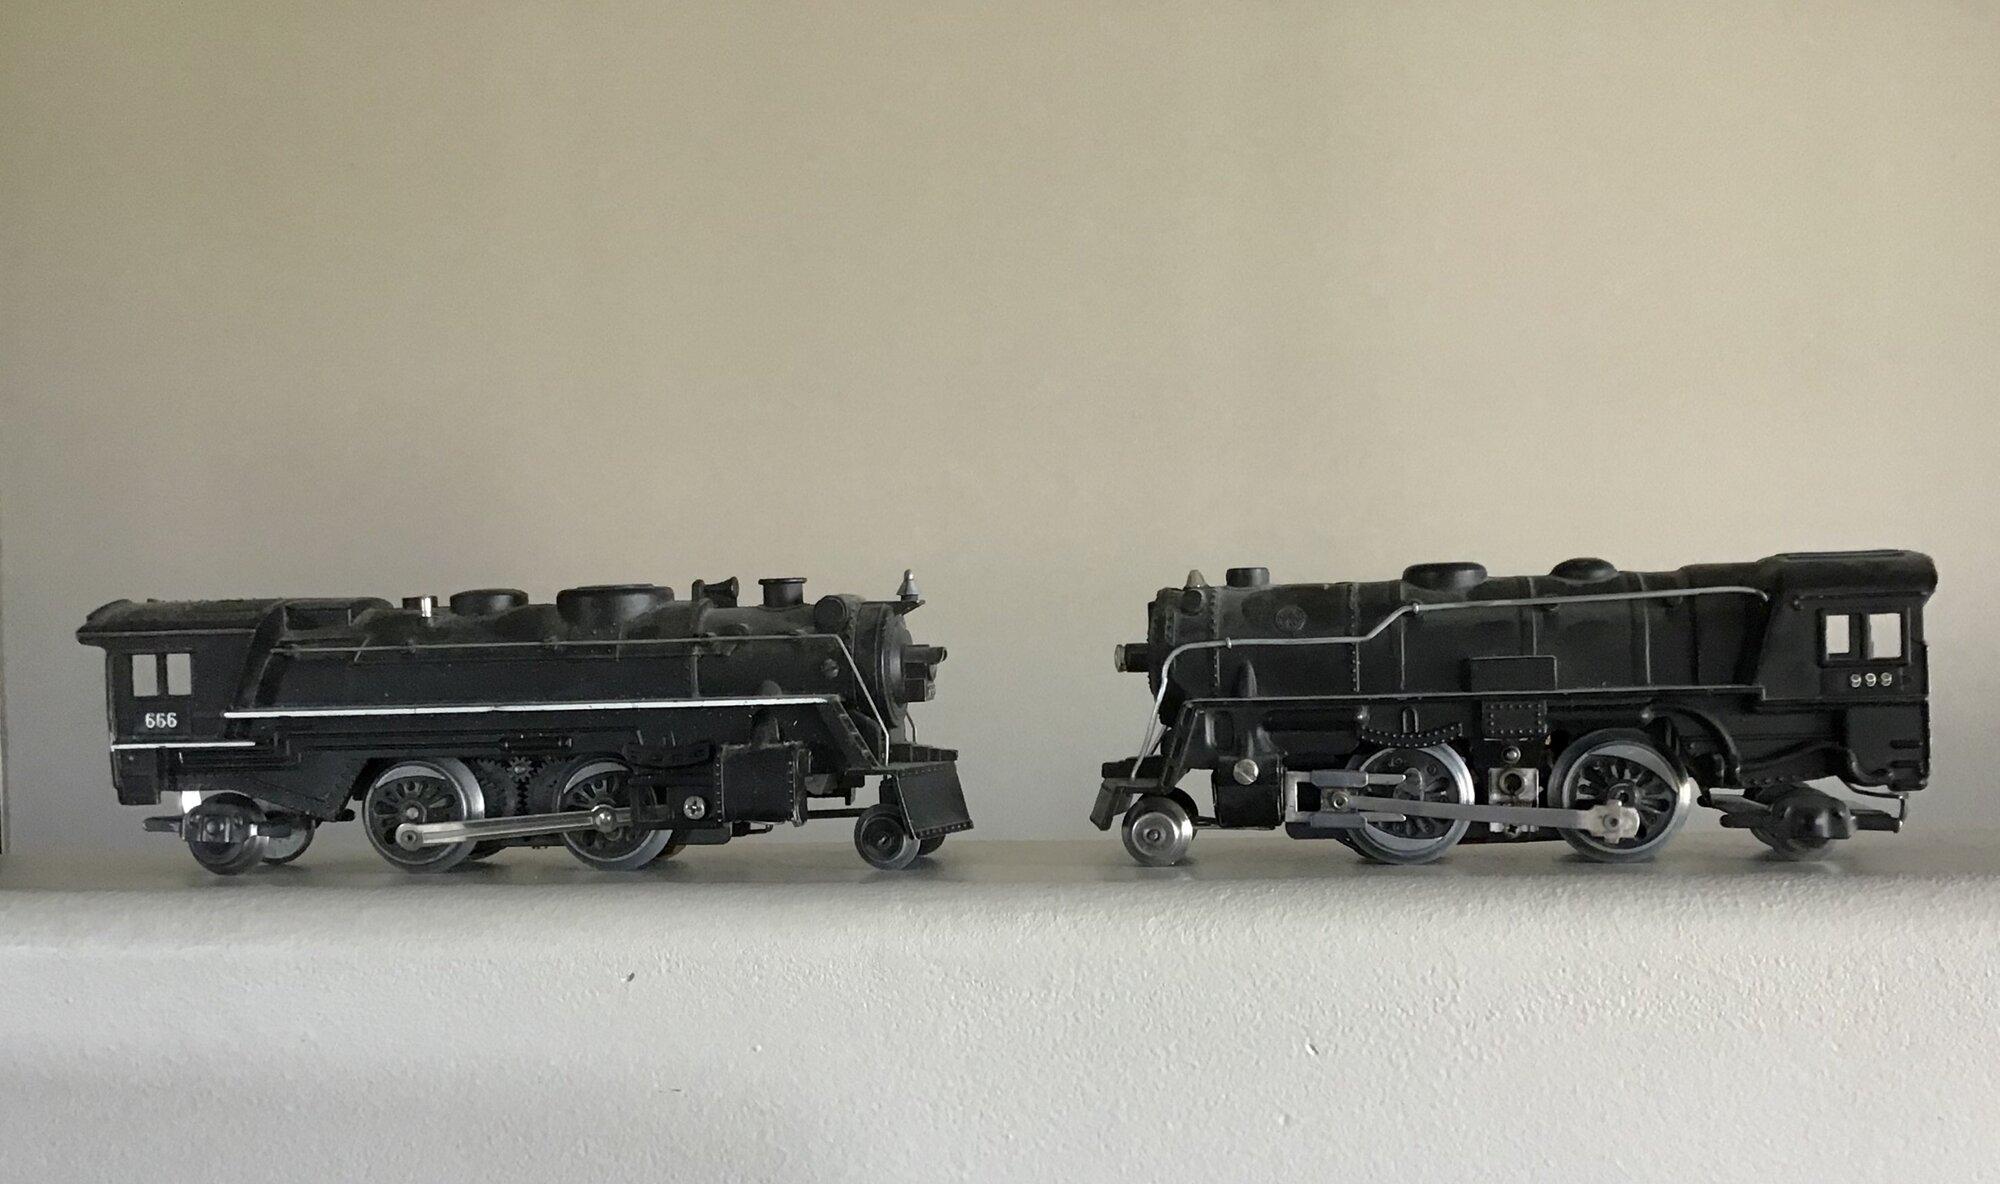 31C4EA04-AF4A-4D11-B655-F8ABFC143101.jpeg